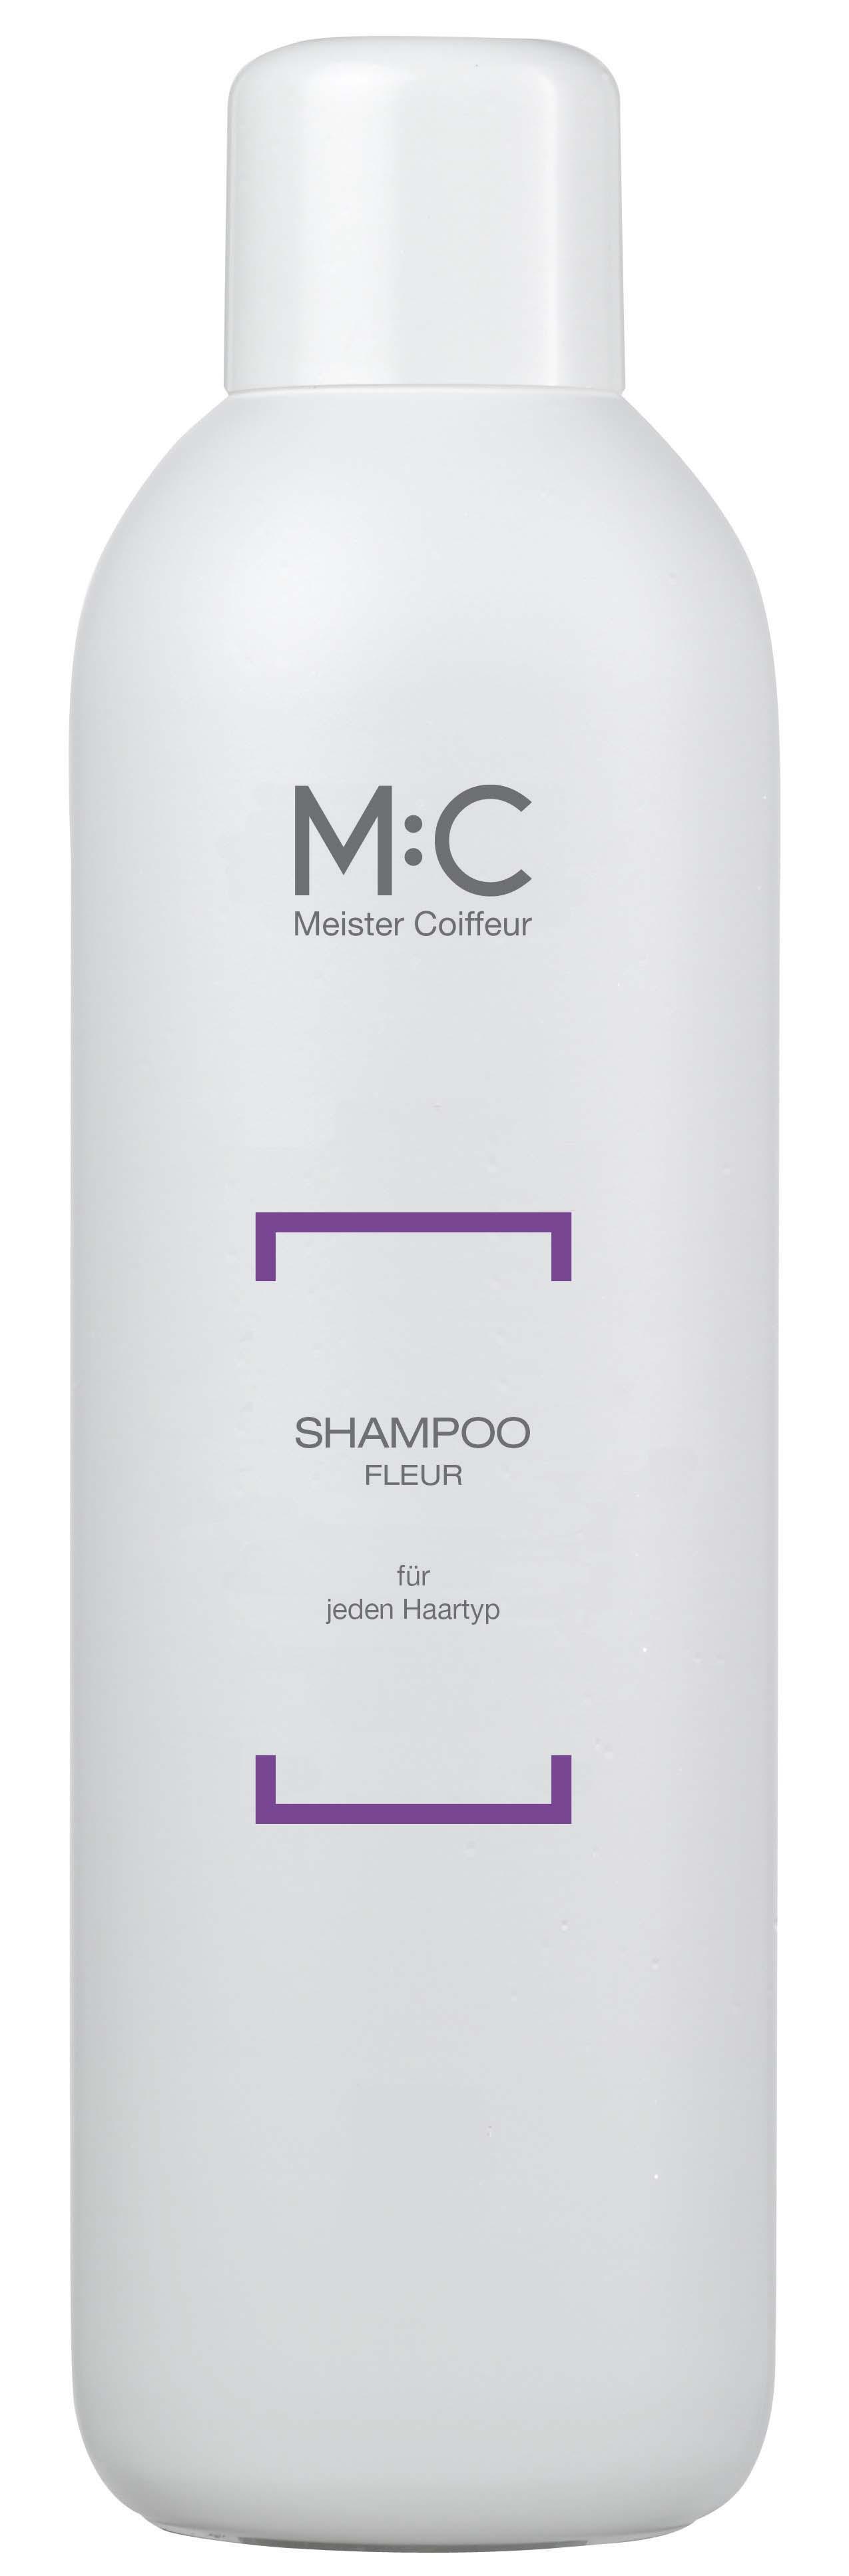 M:C Shampoo Fleur M 1.000 ml